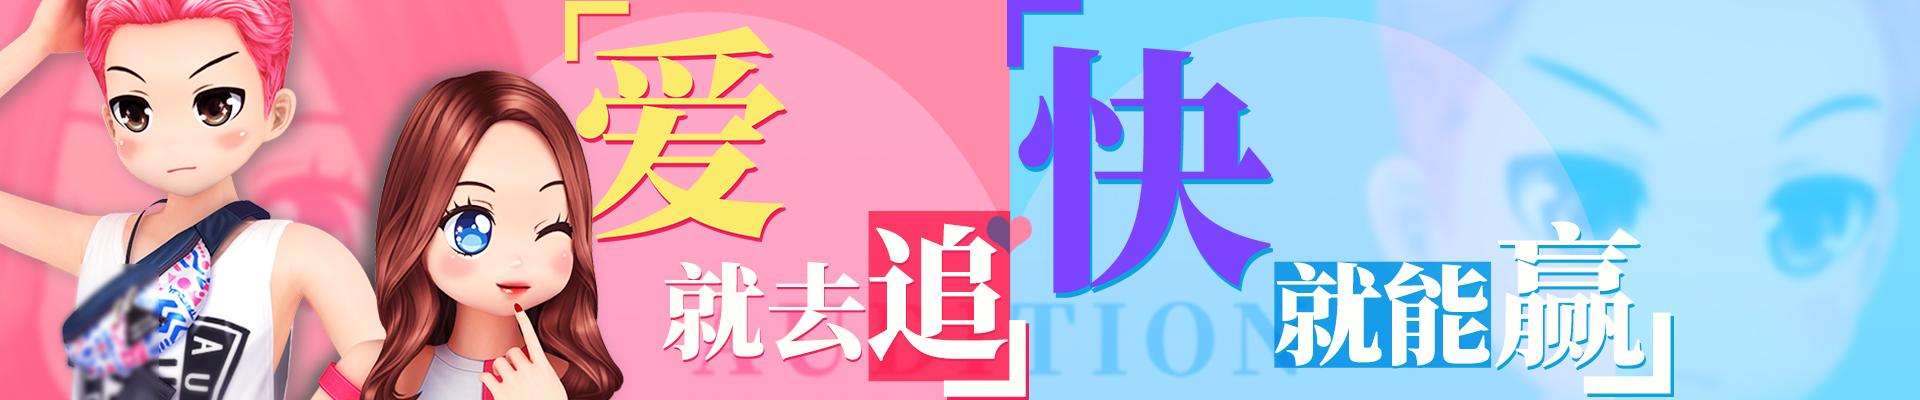 爱就去追 快就能赢《劲舞团》9月版本正式上线